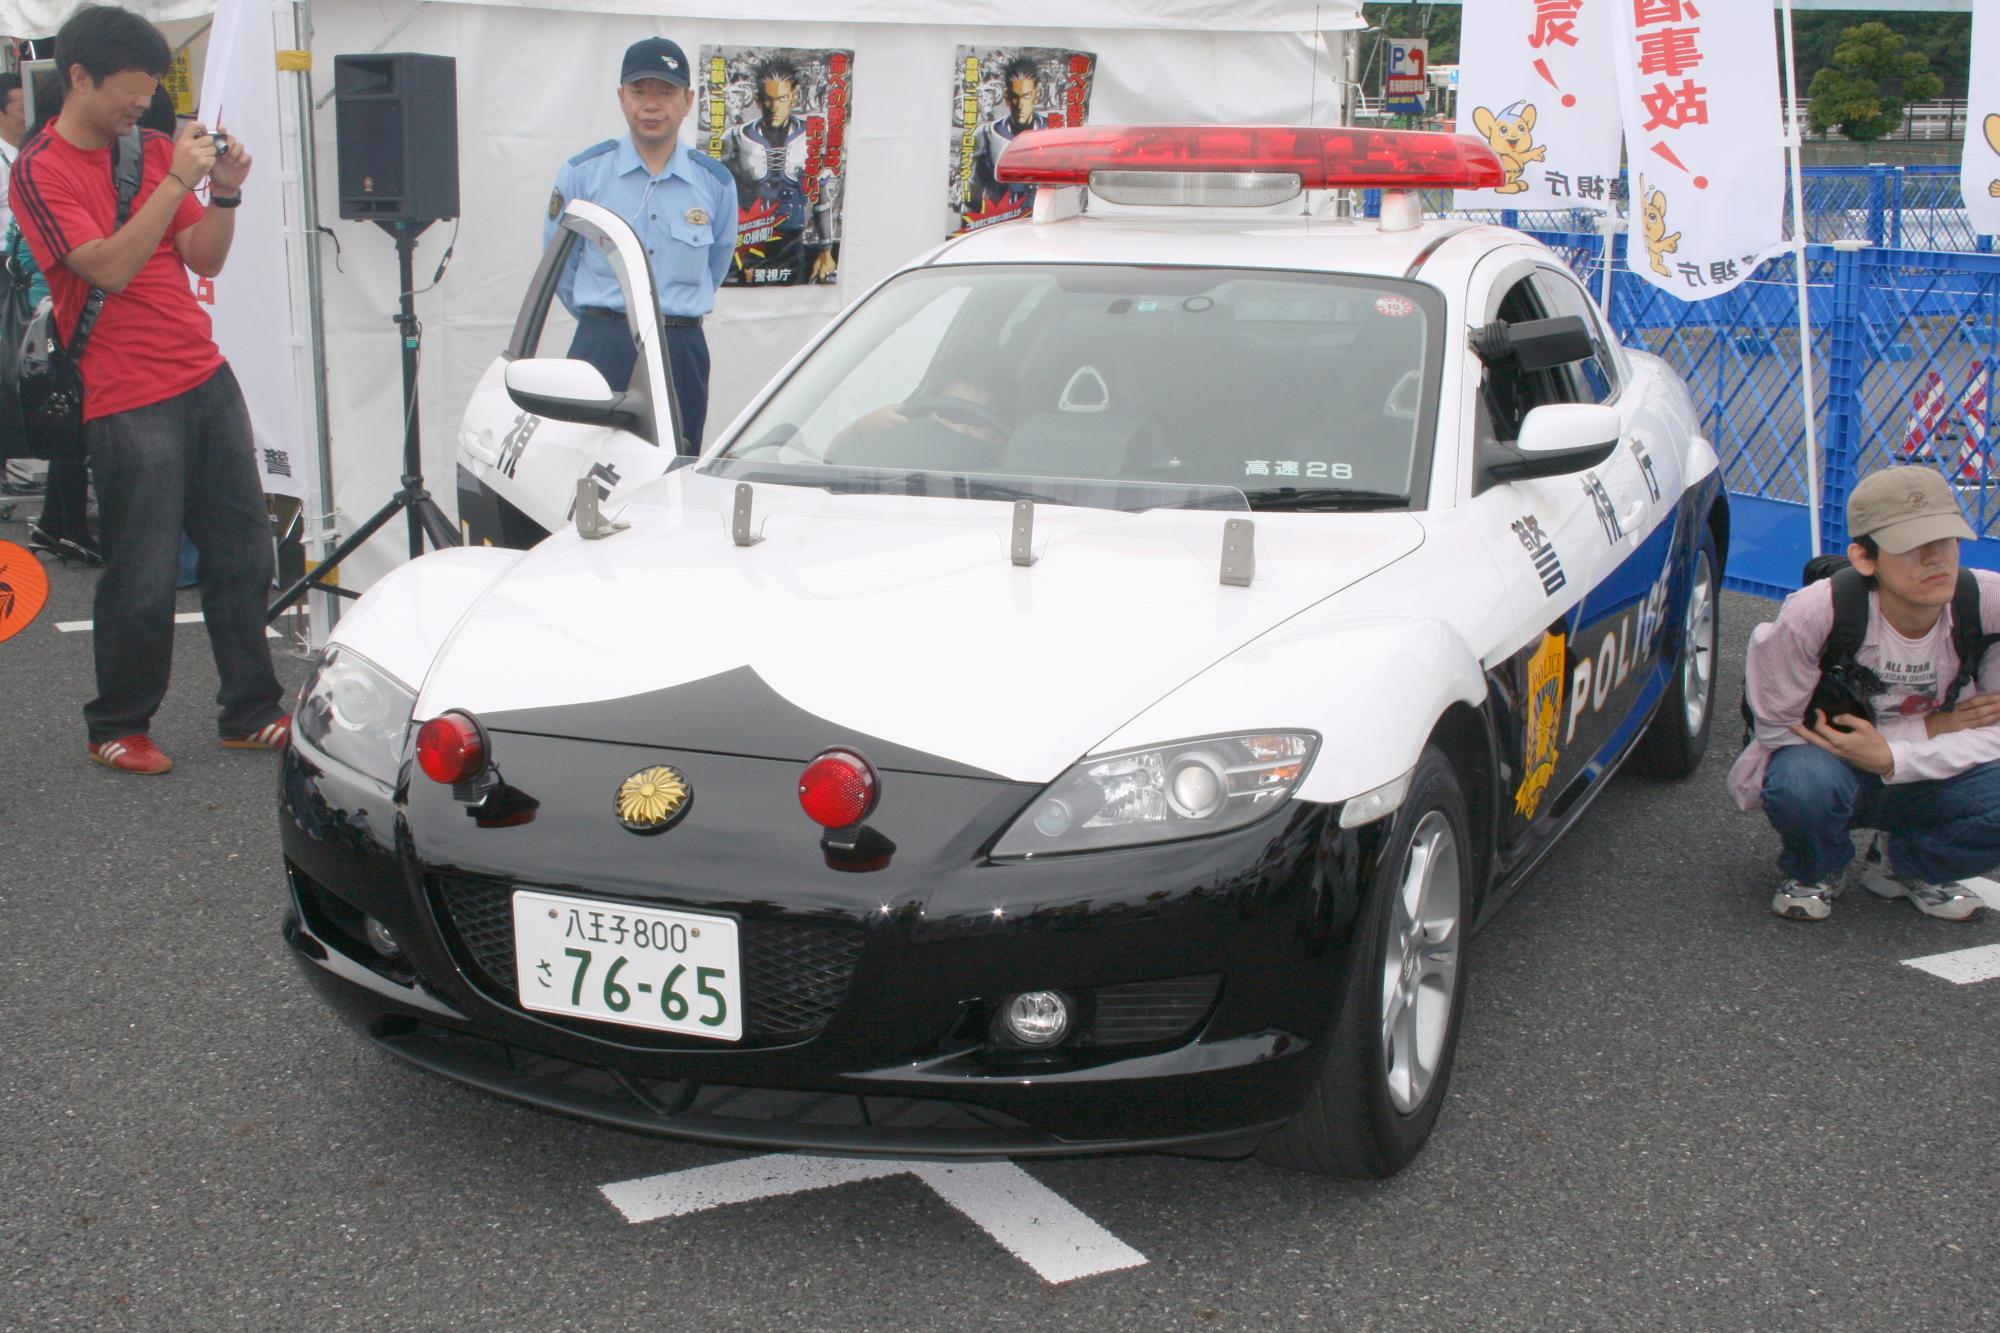 Mazda_RX-8_police_car_in_Tokyo.jpg